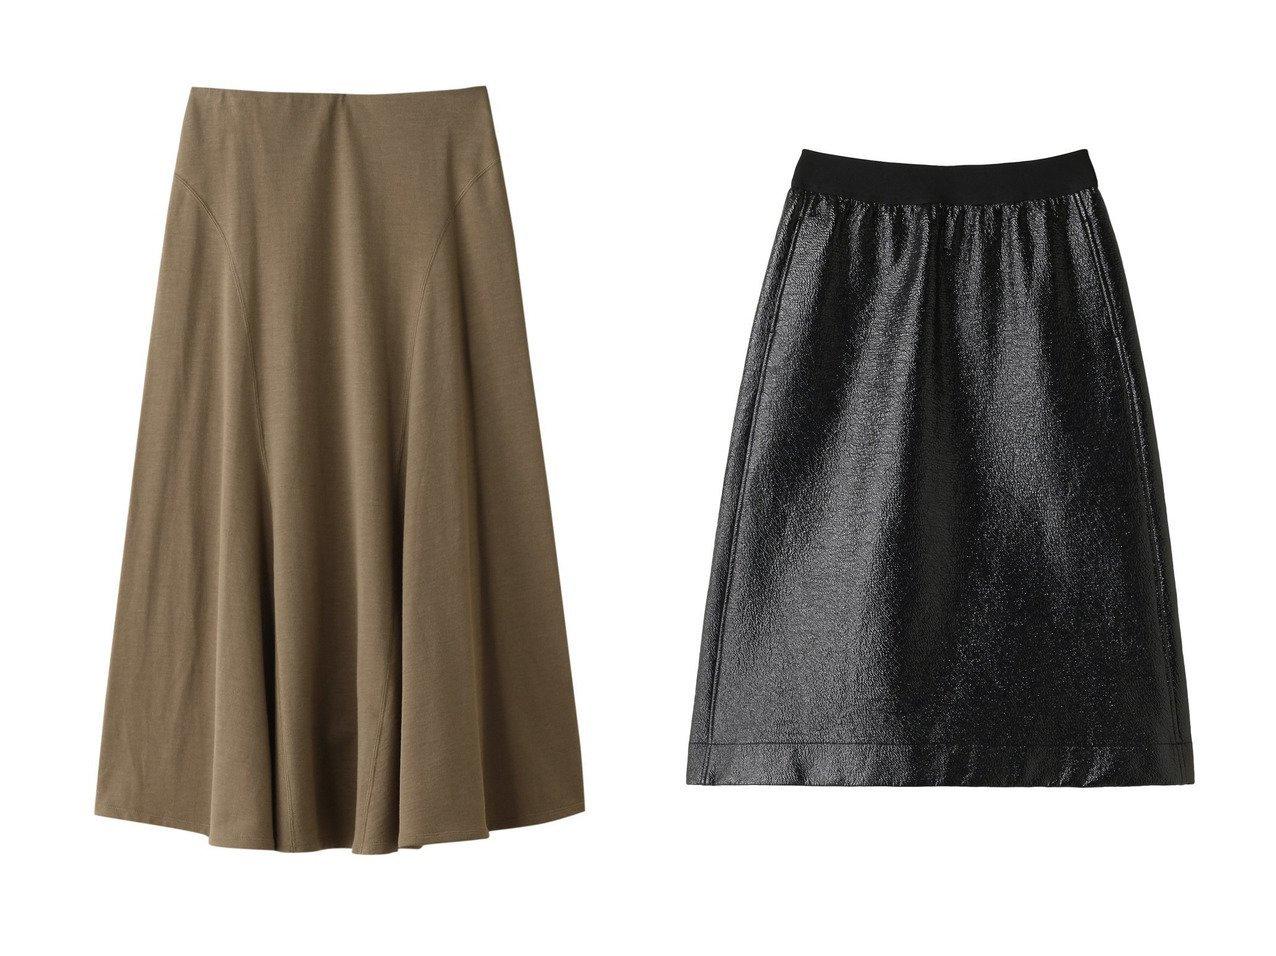 【PLAIN PEOPLE/プレインピープル】のラミーコットン裏毛スカート&ワッシャーエナメルフレアスカート スカートのおすすめ!人気、トレンド・レディースファッションの通販 おすすめで人気の流行・トレンド、ファッションの通販商品 メンズファッション・キッズファッション・インテリア・家具・レディースファッション・服の通販 founy(ファニー) https://founy.com/ ファッション Fashion レディースファッション WOMEN スカート Skirt ロングスカート Long Skirt Aライン/フレアスカート Flared A-Line Skirts フレア ロング エナメル ガーリー クール ワッシャー  ID:crp329100000012443